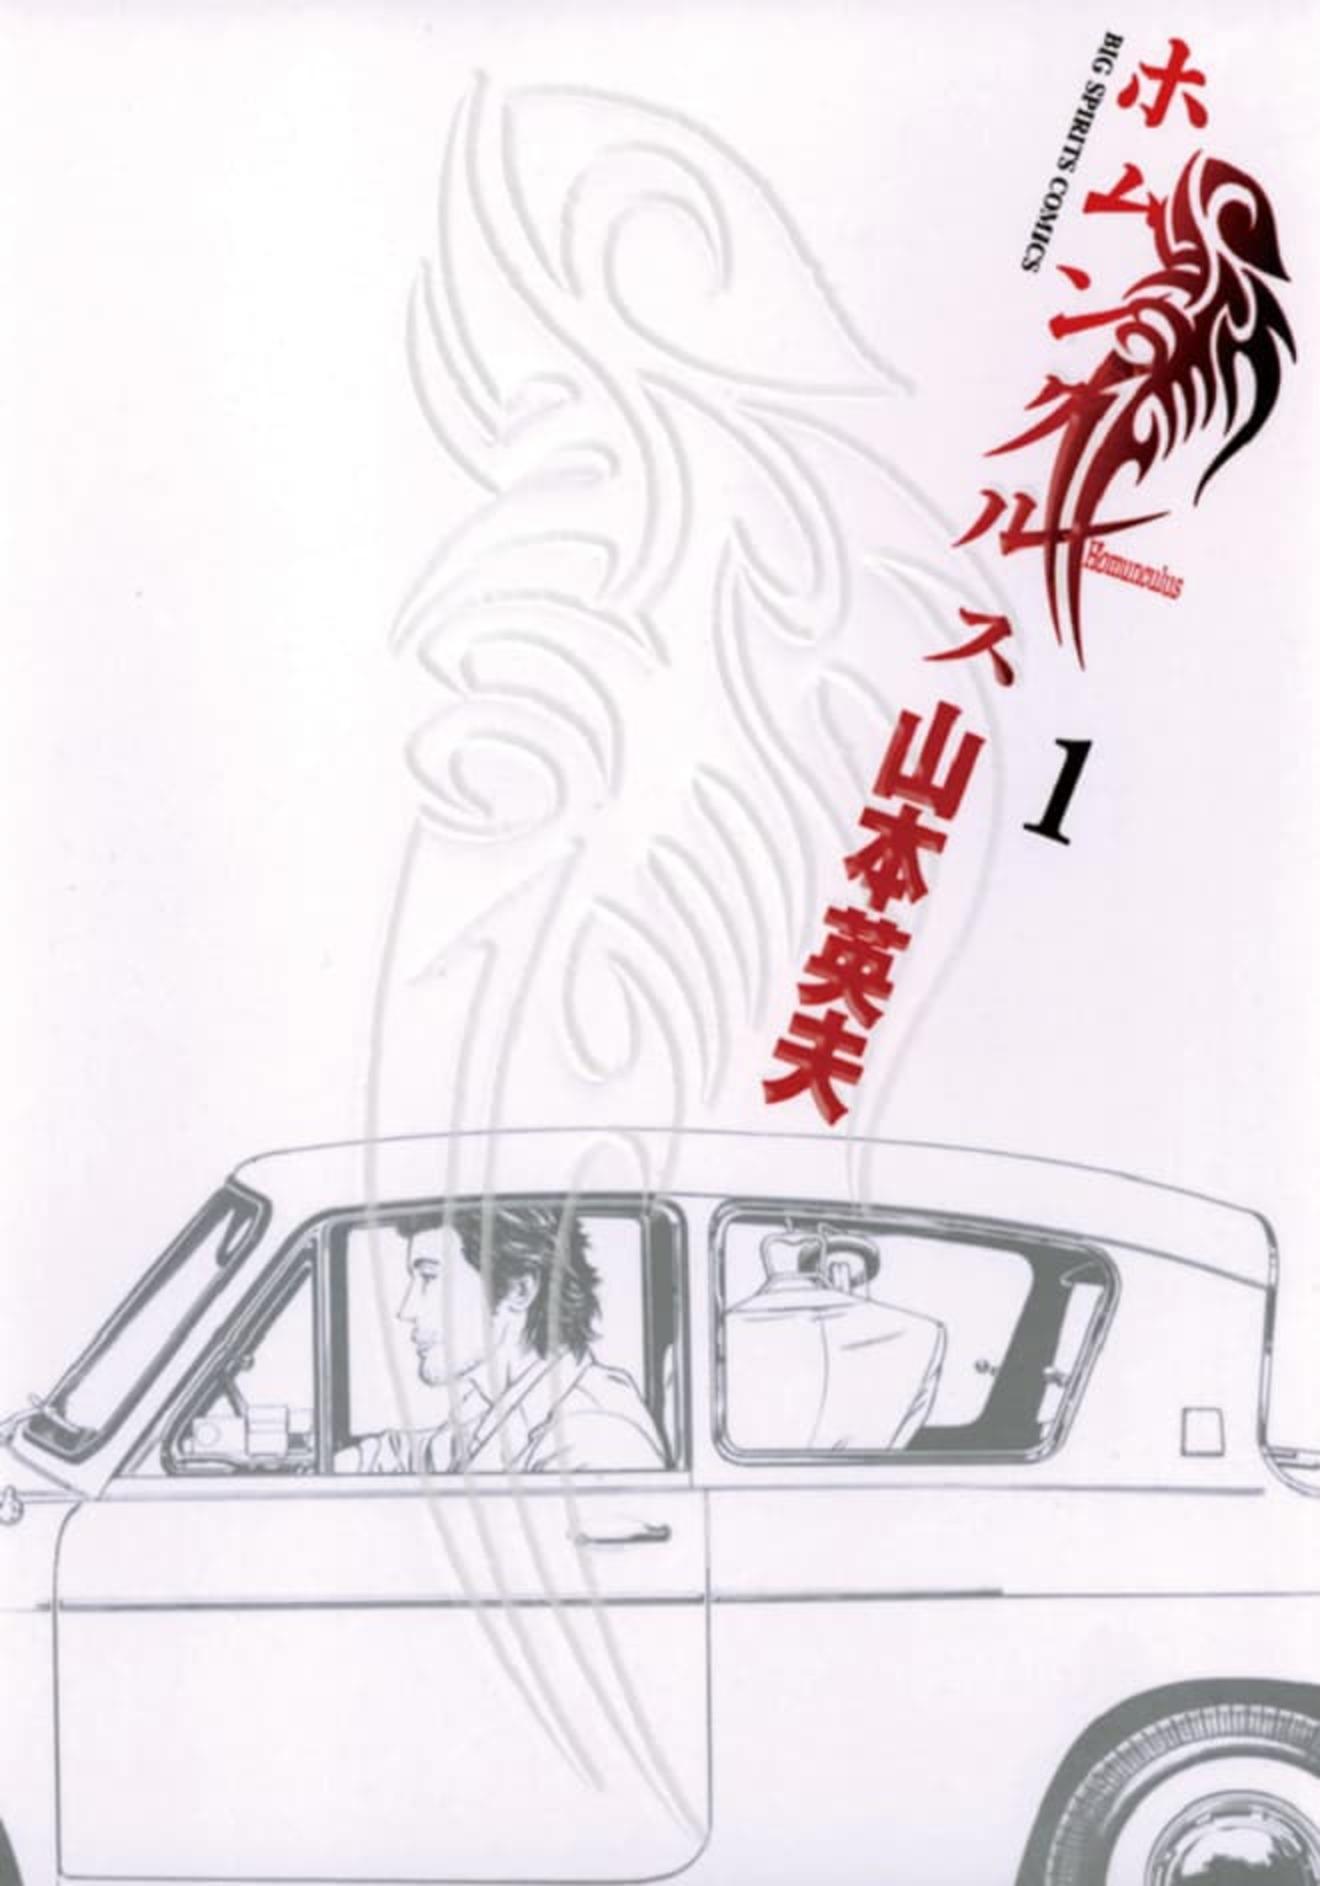 漫画『ホムンクルス』が怖すぎ?あらすじ、結末の意味などネタバレ解説!無料